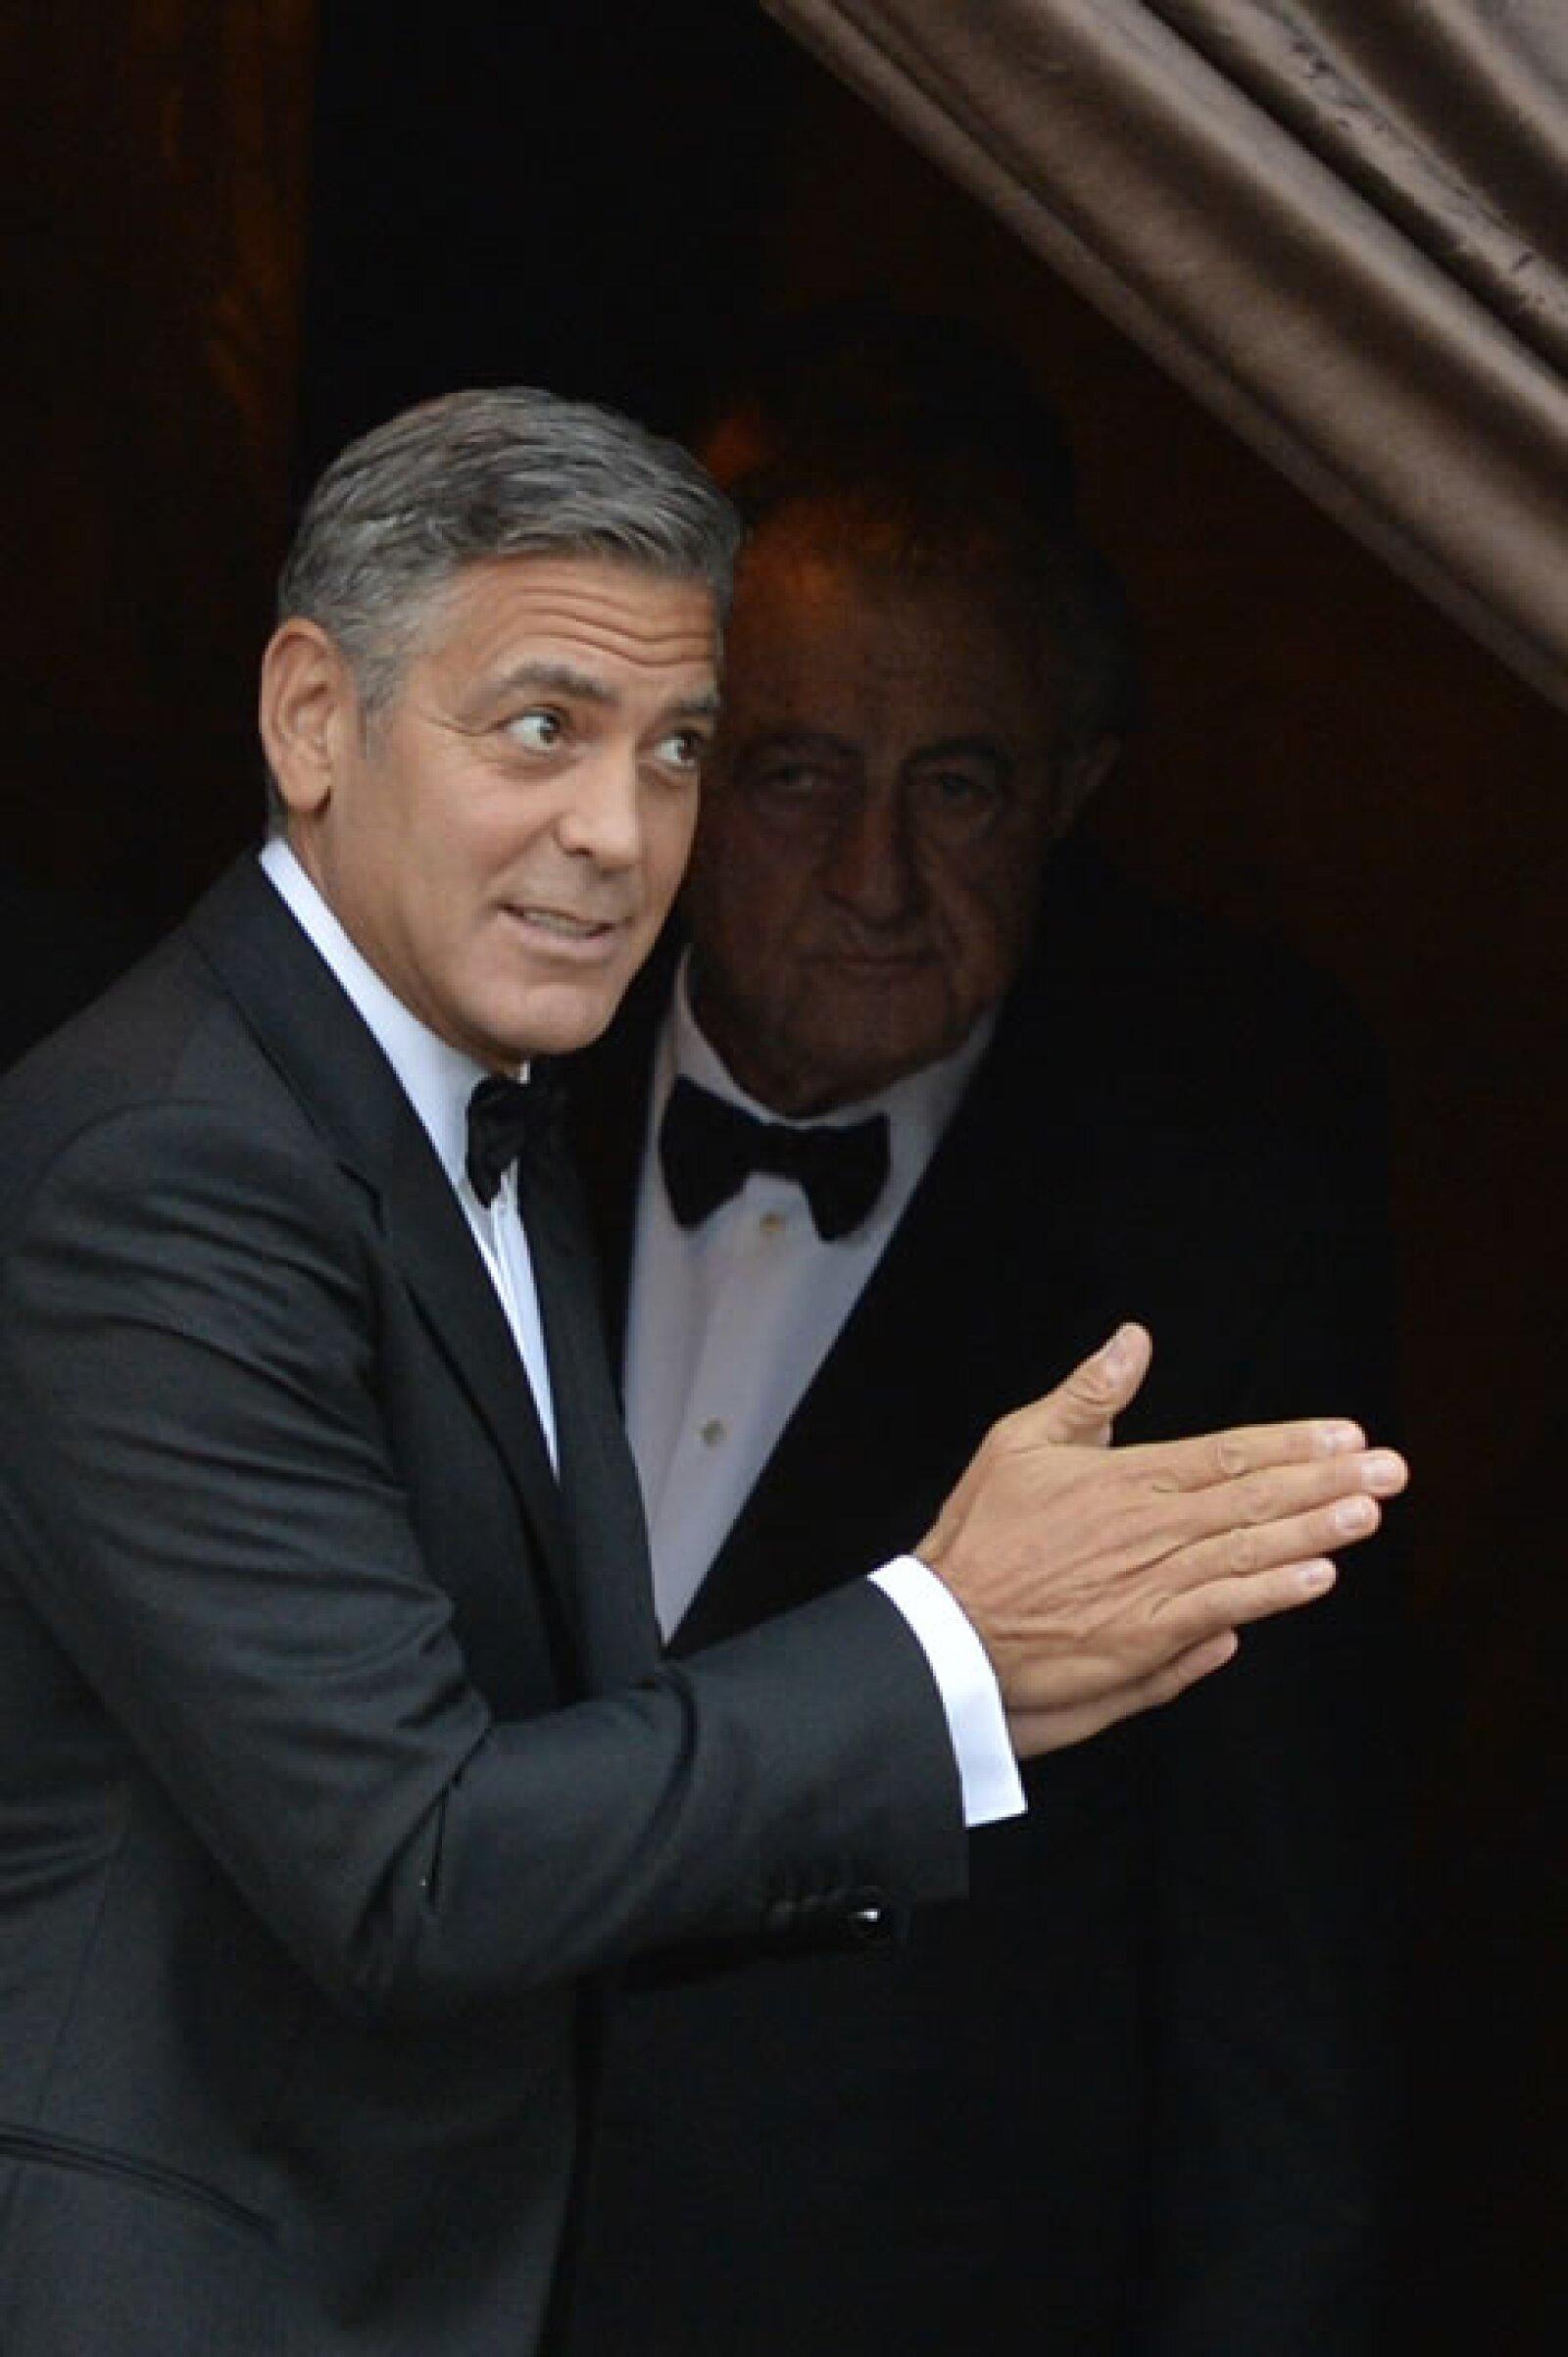 George estaba muy emocionado por que su papá, Nick Clooney lo acompañara este importante fin de semana.